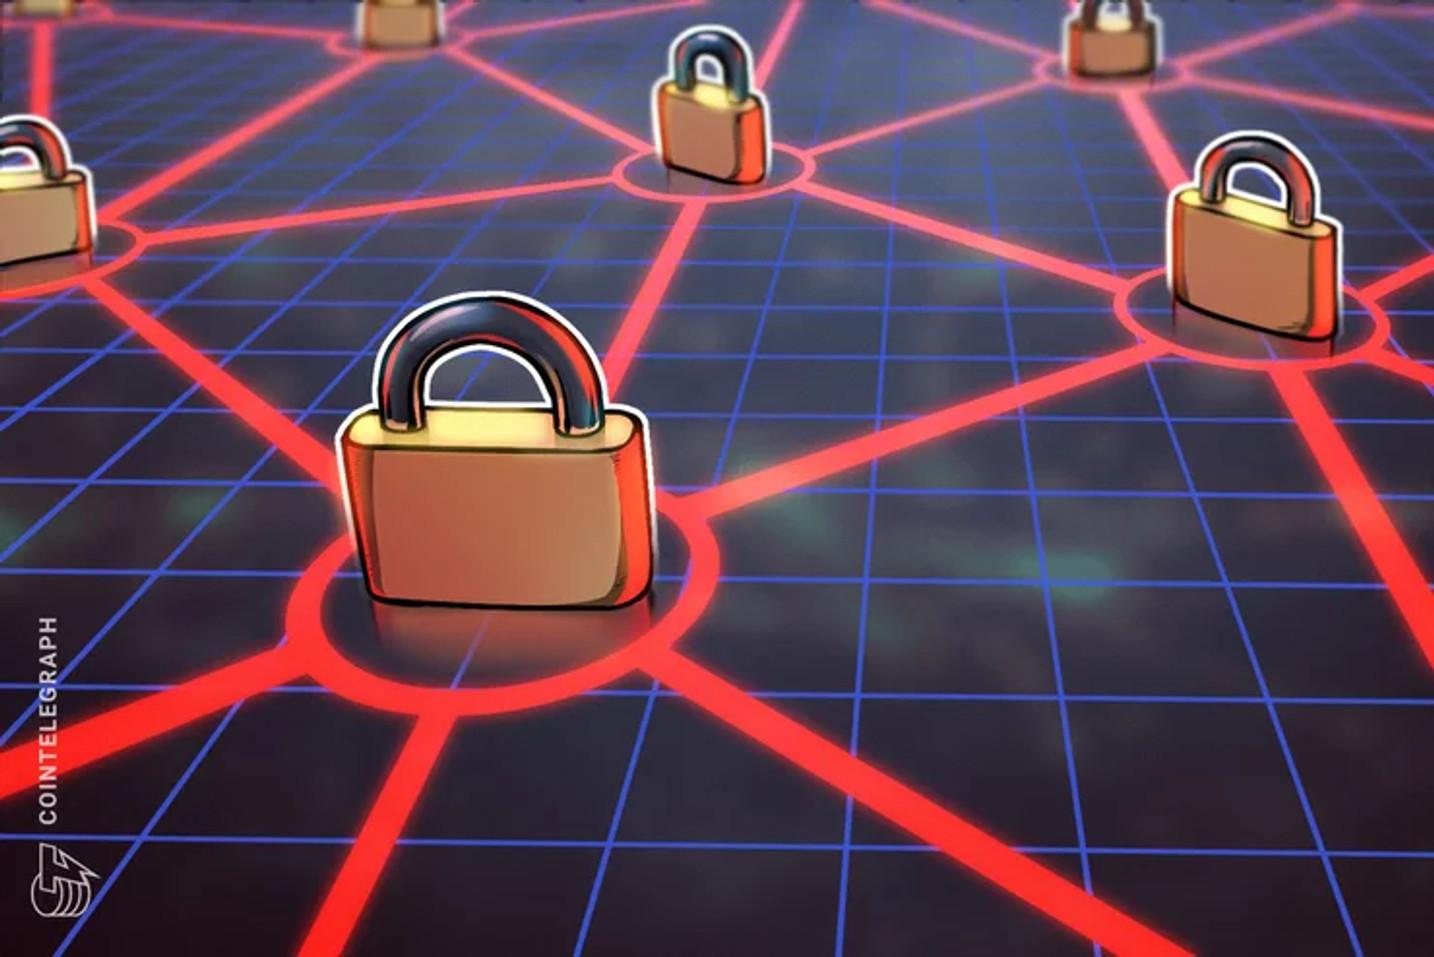 Estado do Rio Grande do Norte é o primeiro do Brasil a reconhecer blockchain como certificado digital